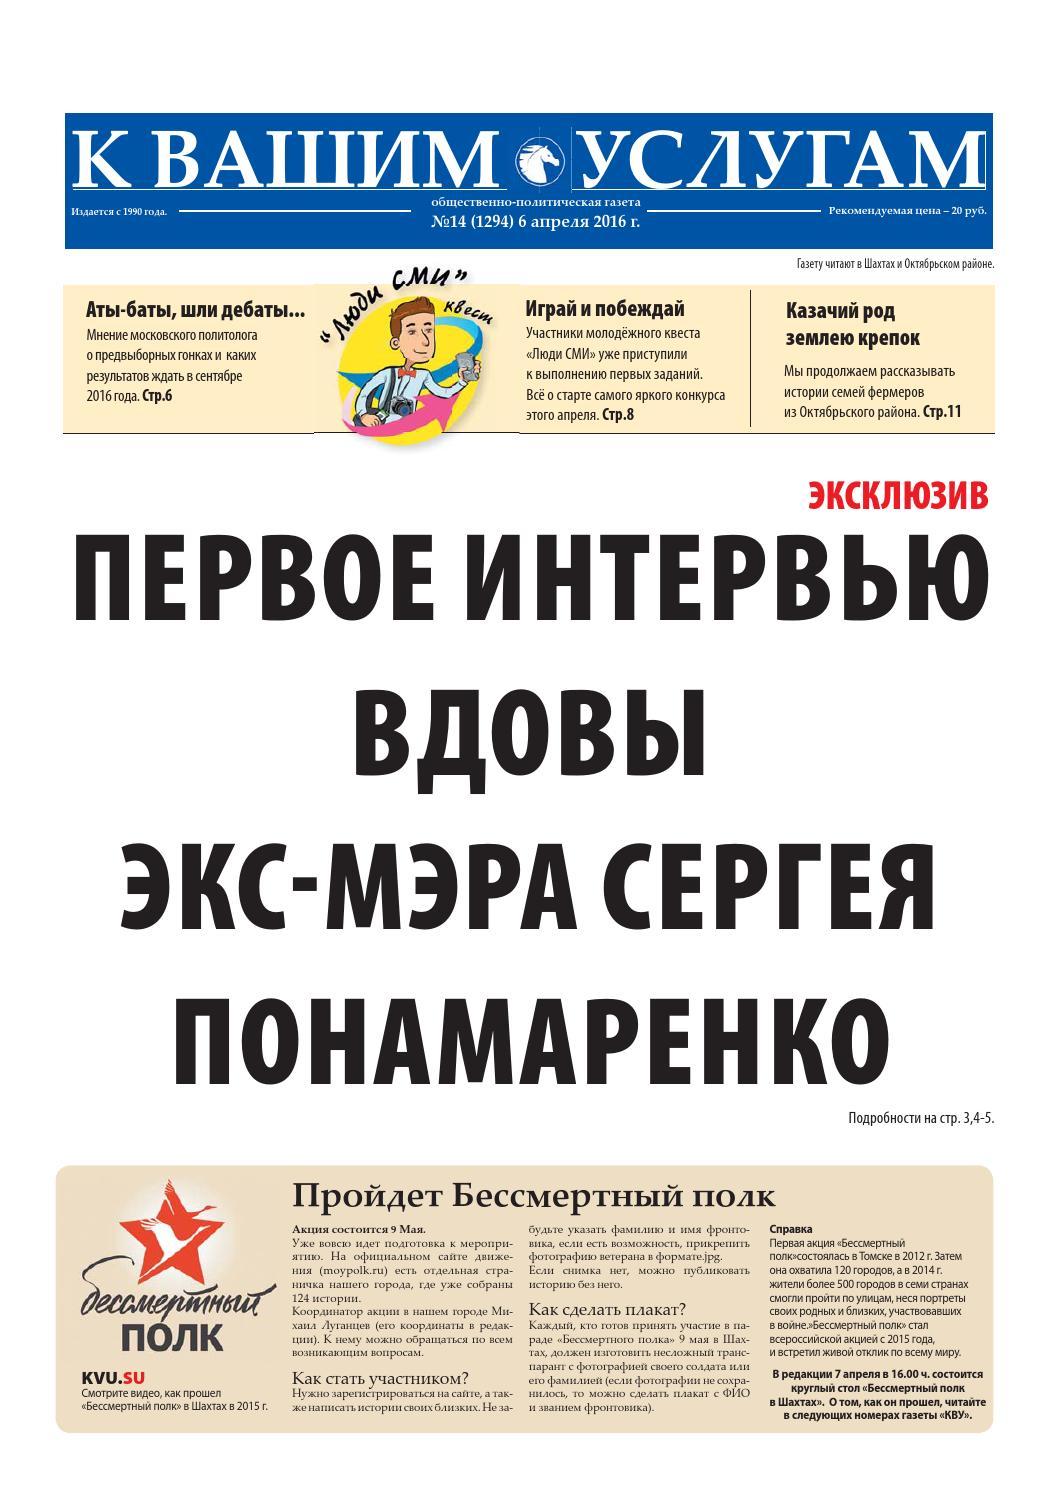 Газета КВУ №14 от 6 апреля 2016 г. by kvu kvu.su - issuu f9b6e6b84f5